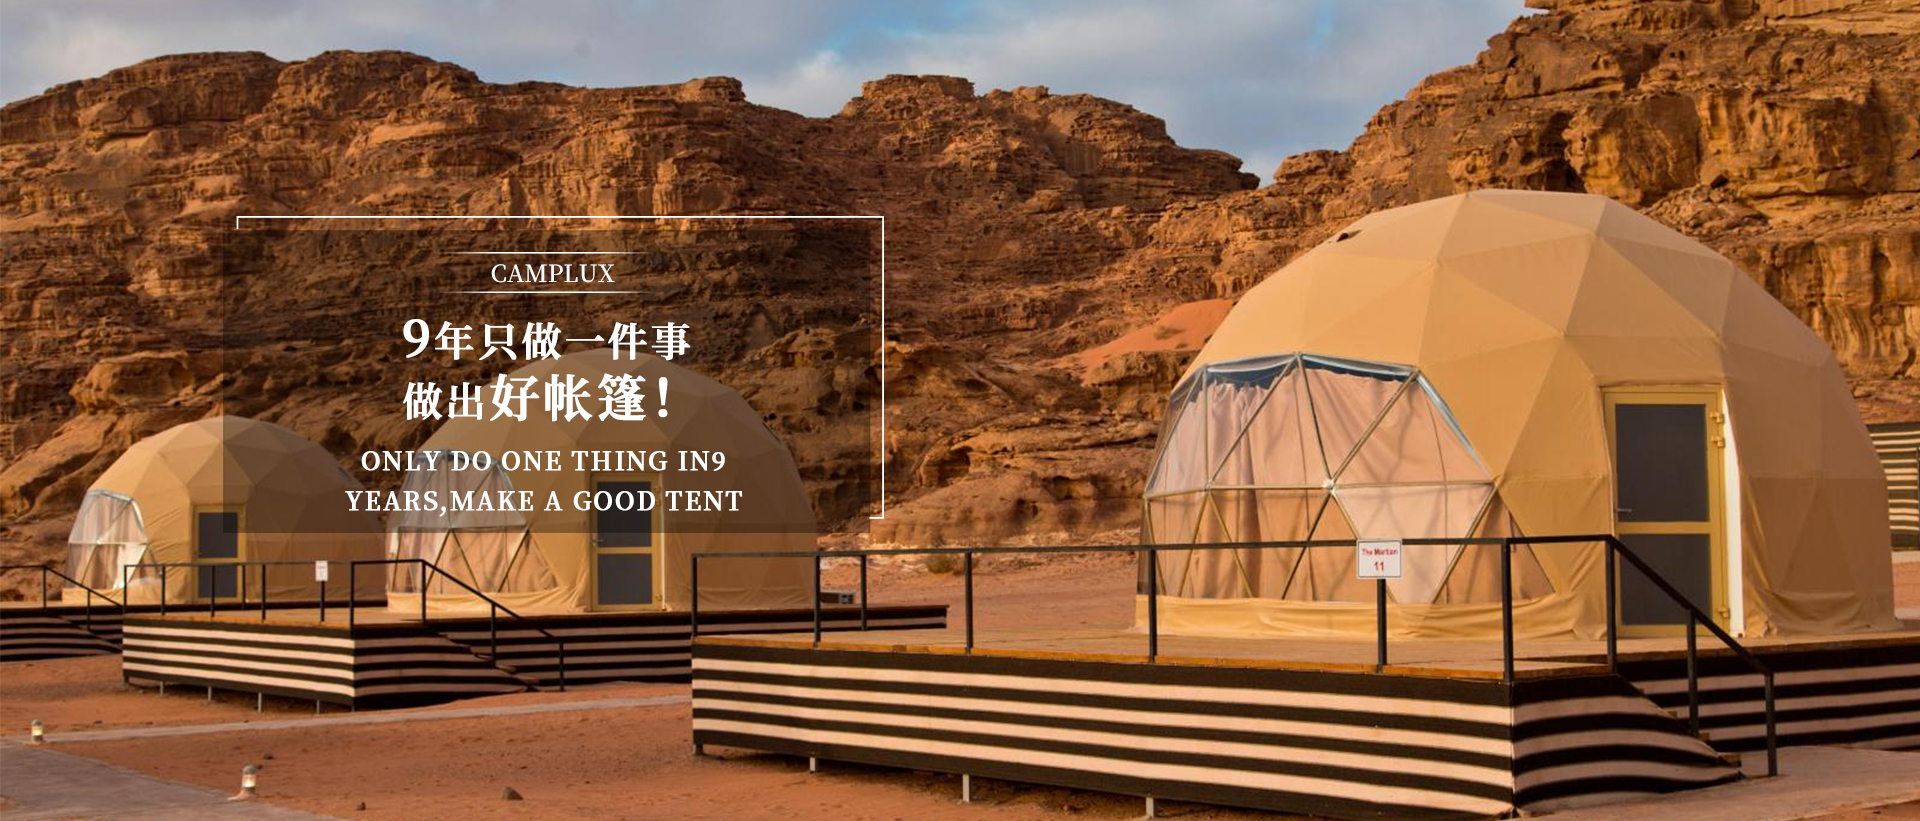 广州野奢帐篷